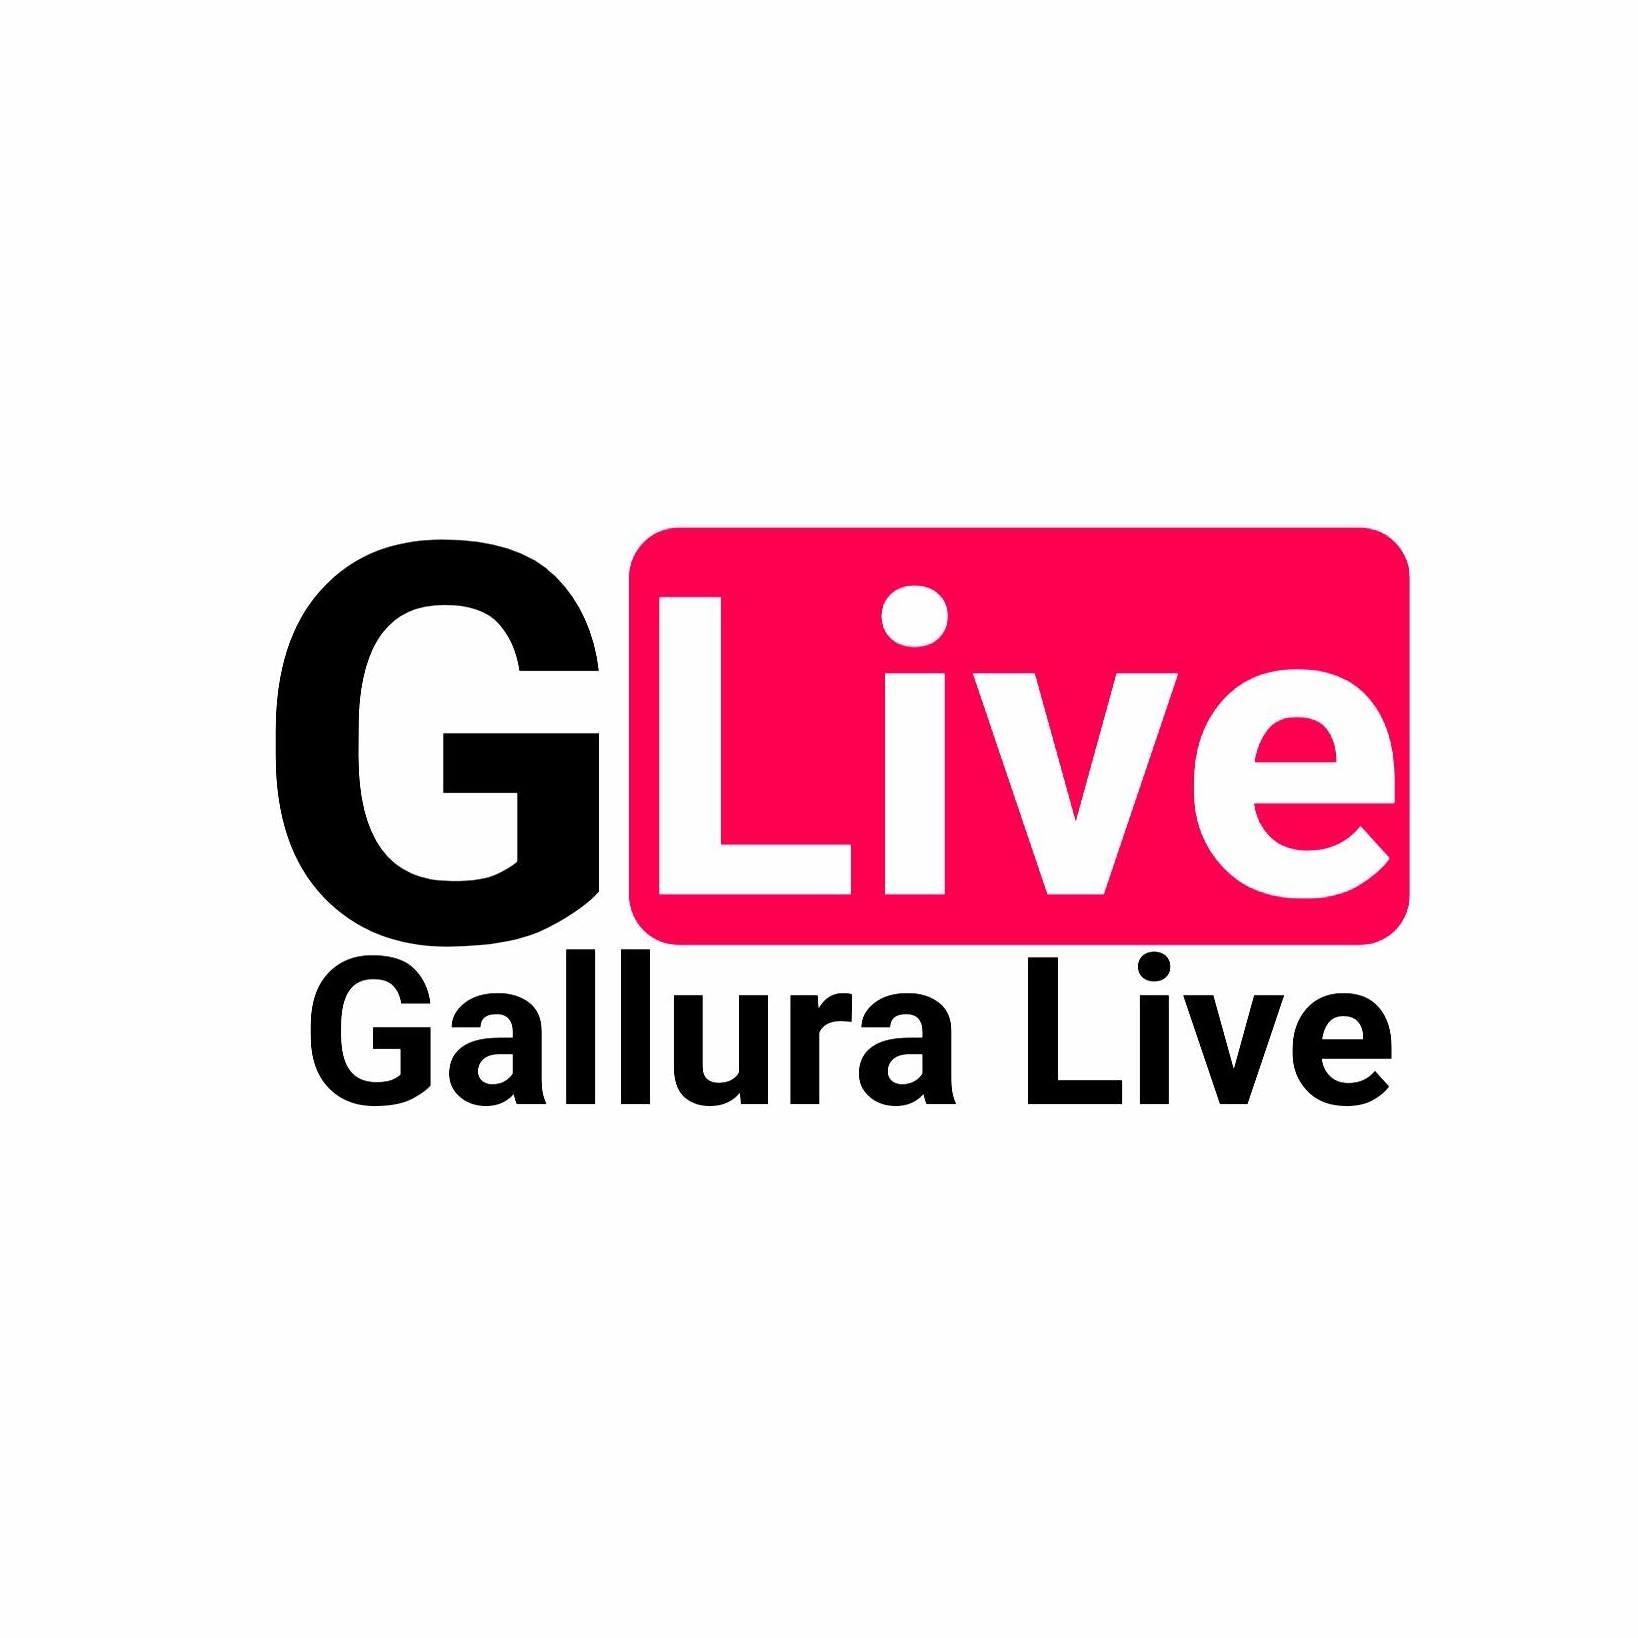 Profilo Gallura Live Canale Tv